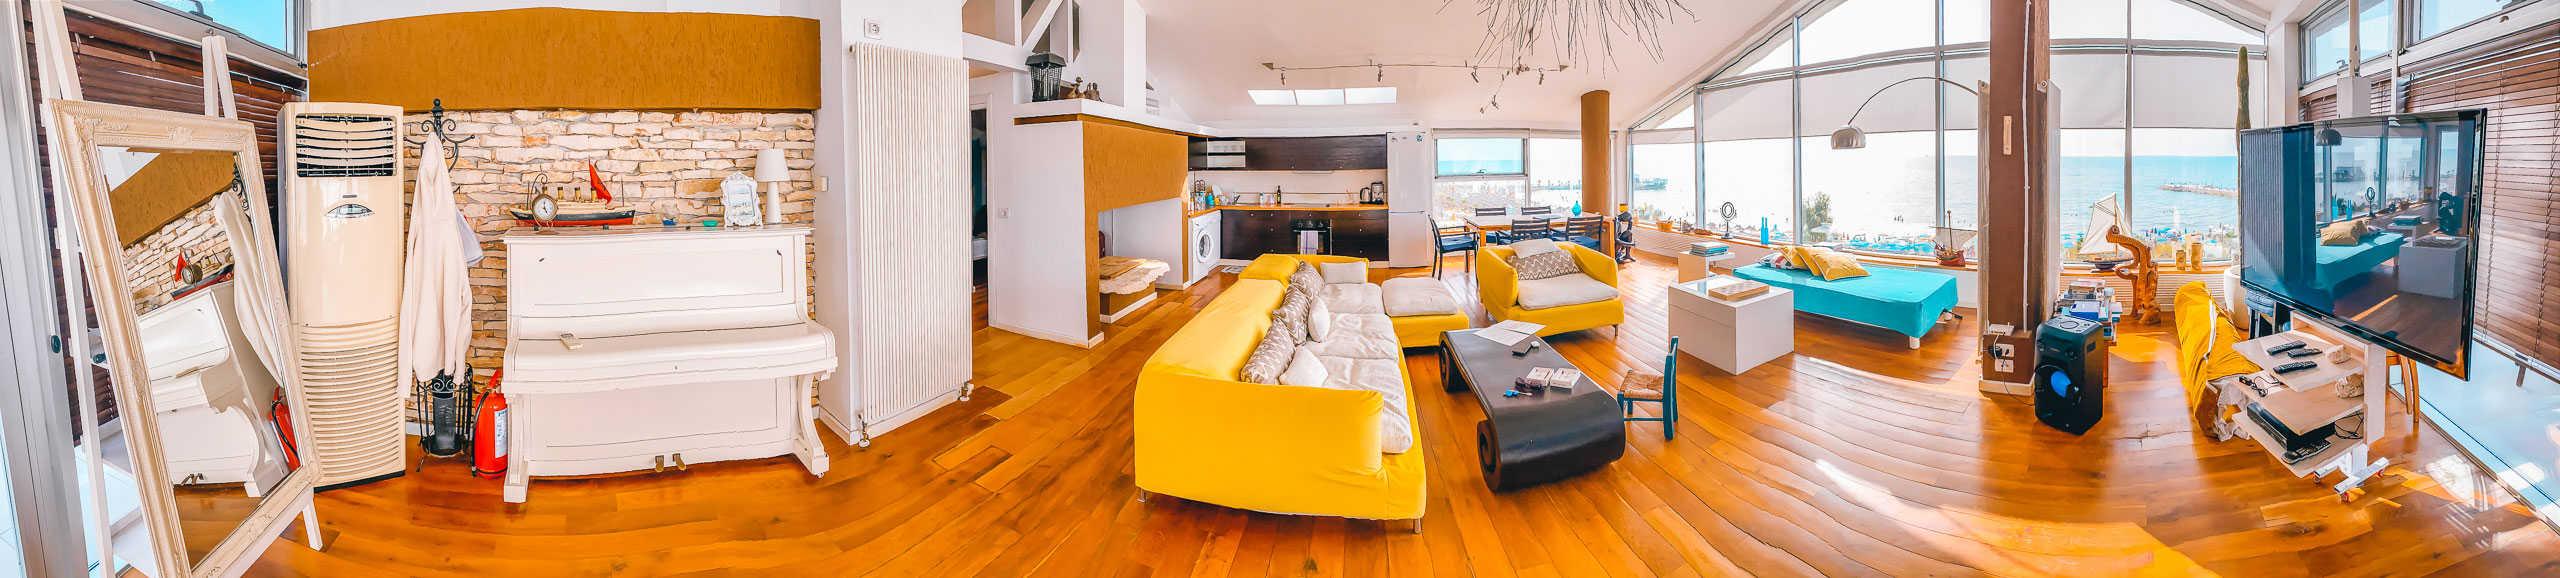 Apartments Bellavista urlop wakacje w Albanii Qerret Kavaje Durrës apartament do wynajęcia